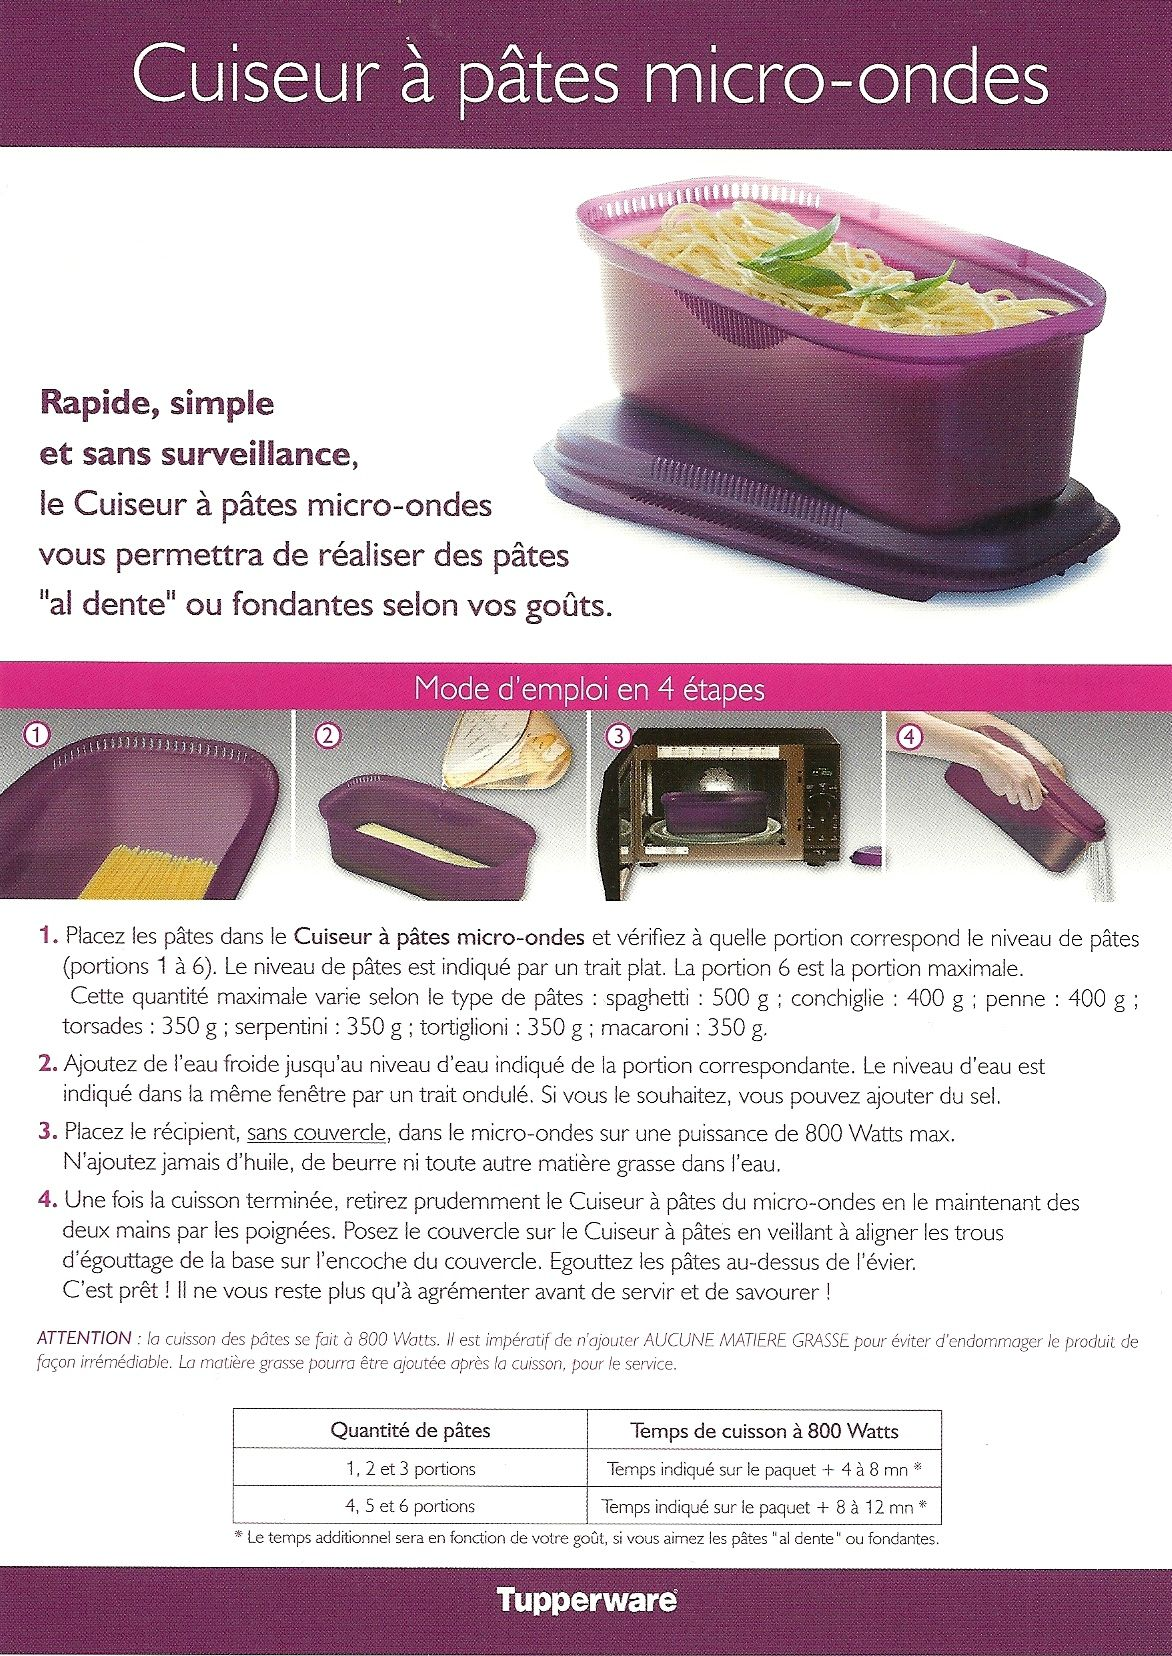 Fiche recette cuiseur p tes 1 2 tupperware tupp pinterest cuiseur - Cuiseur vapeur tupperware ...